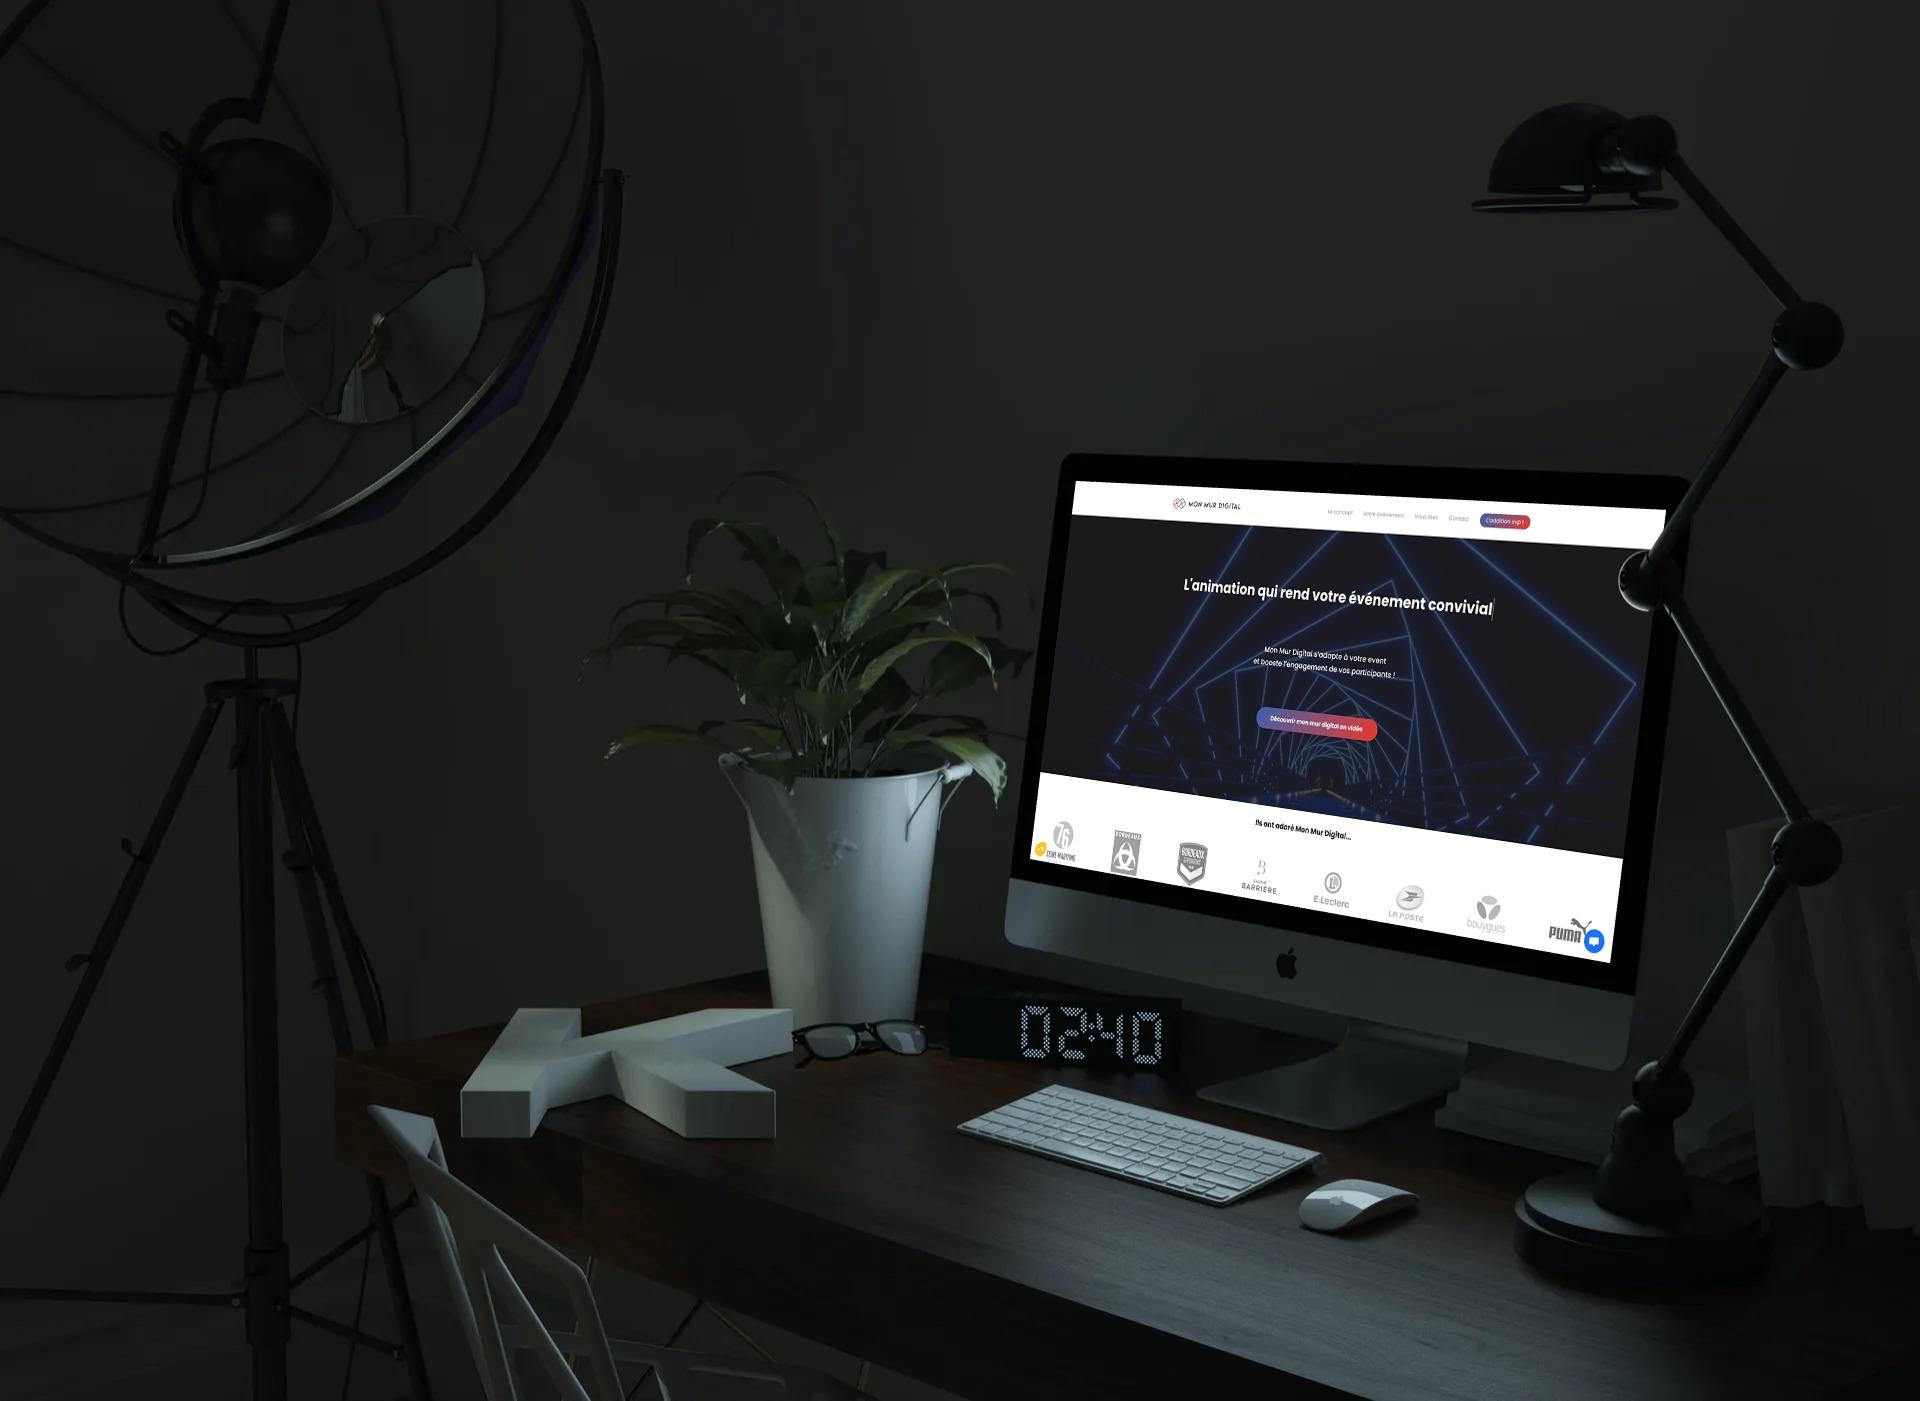 Ordinateur allumé sur un bureau avec page internet ouverte sur le site Mon Mur Digital